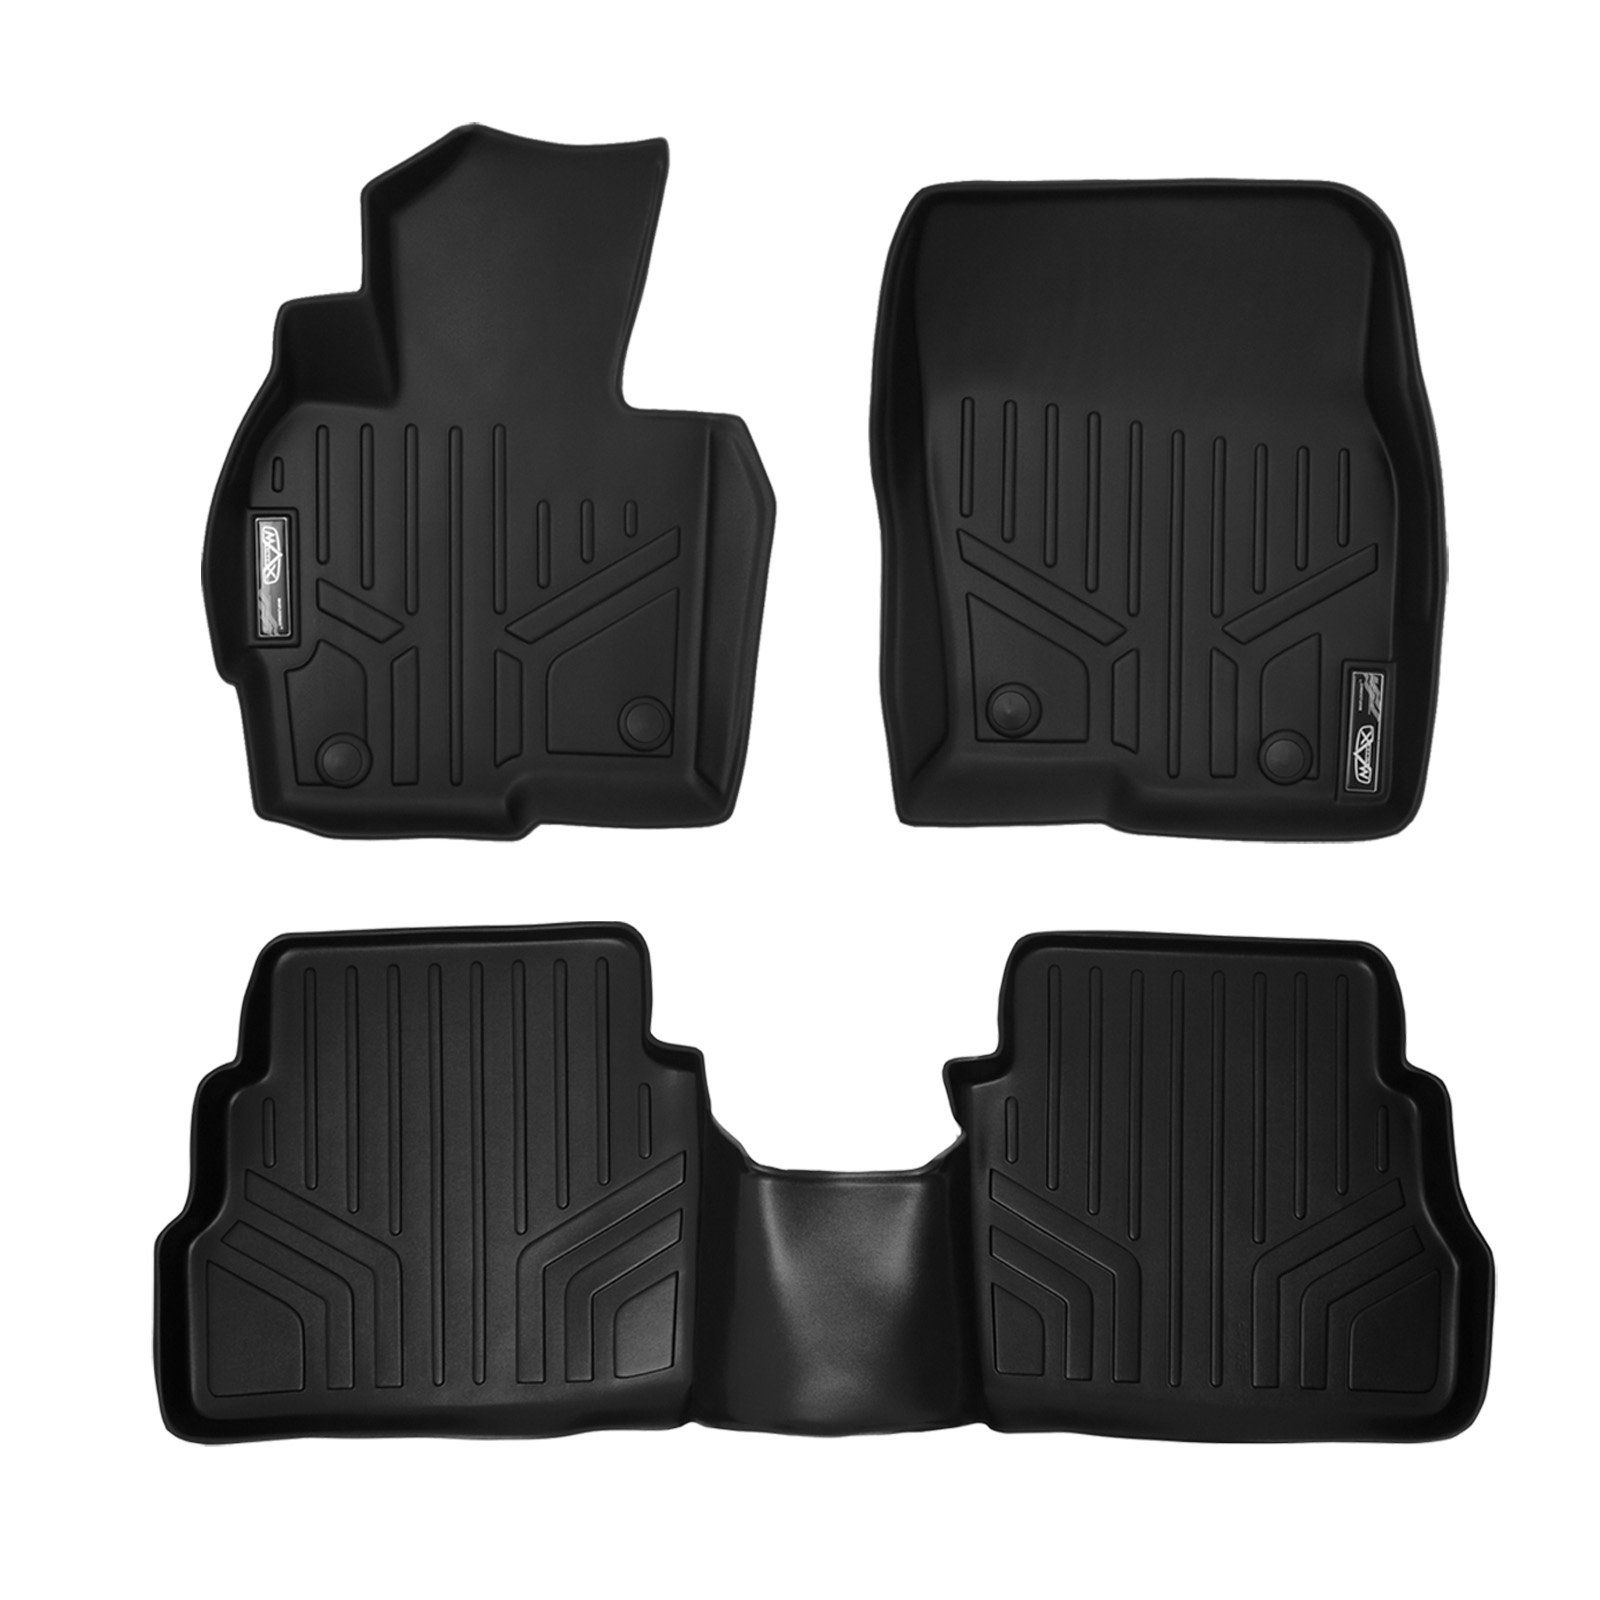 Smartliner Floor Mats 2 Row Liner Set Black For 2013 2016 Mazda Cx 5 Husky Liners Floor Liners Floor Mats